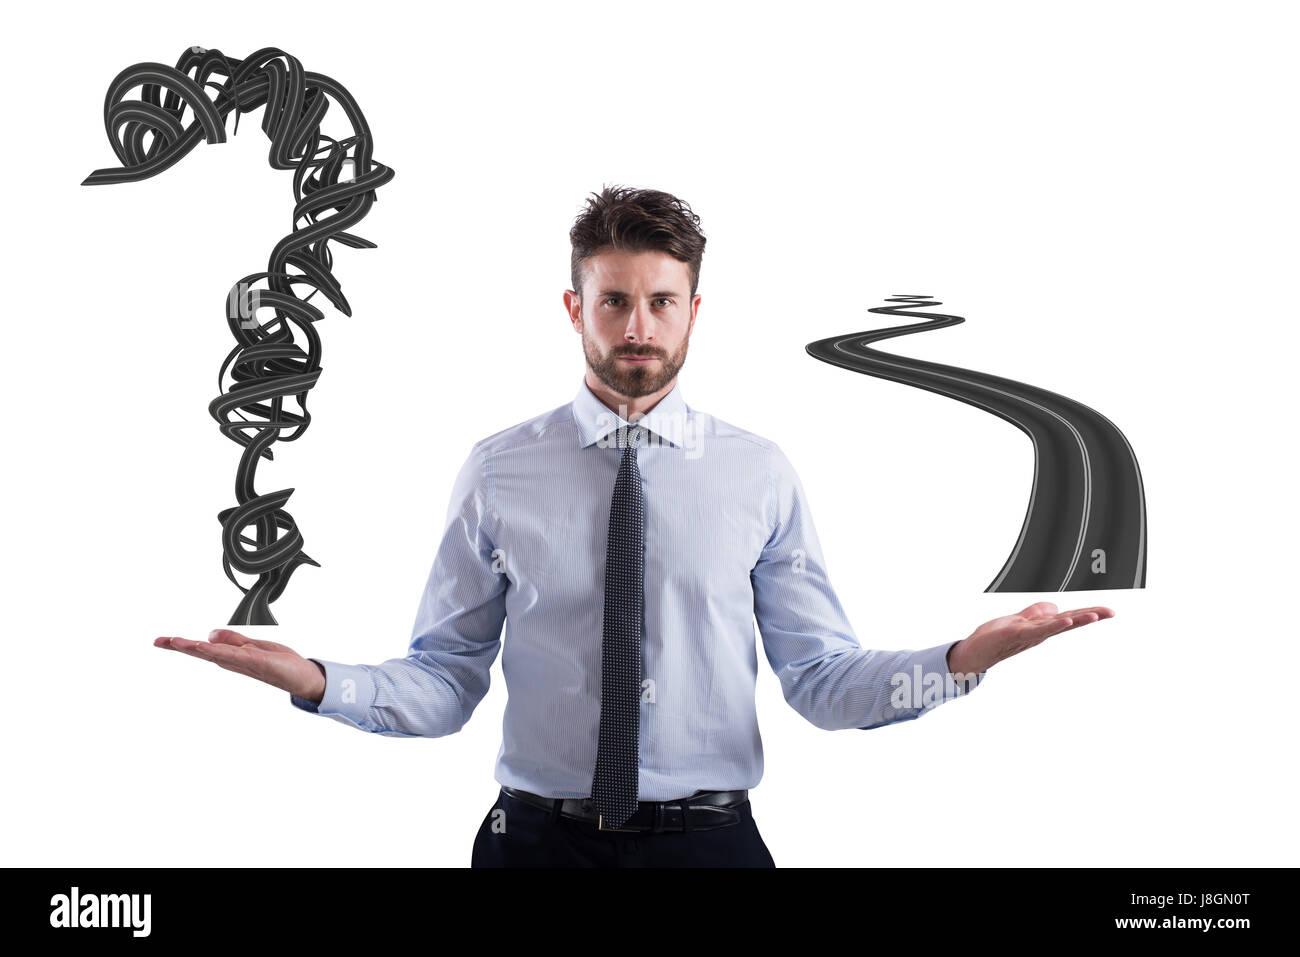 Leichte und schwere Weg für Business-Karriere Stockbild